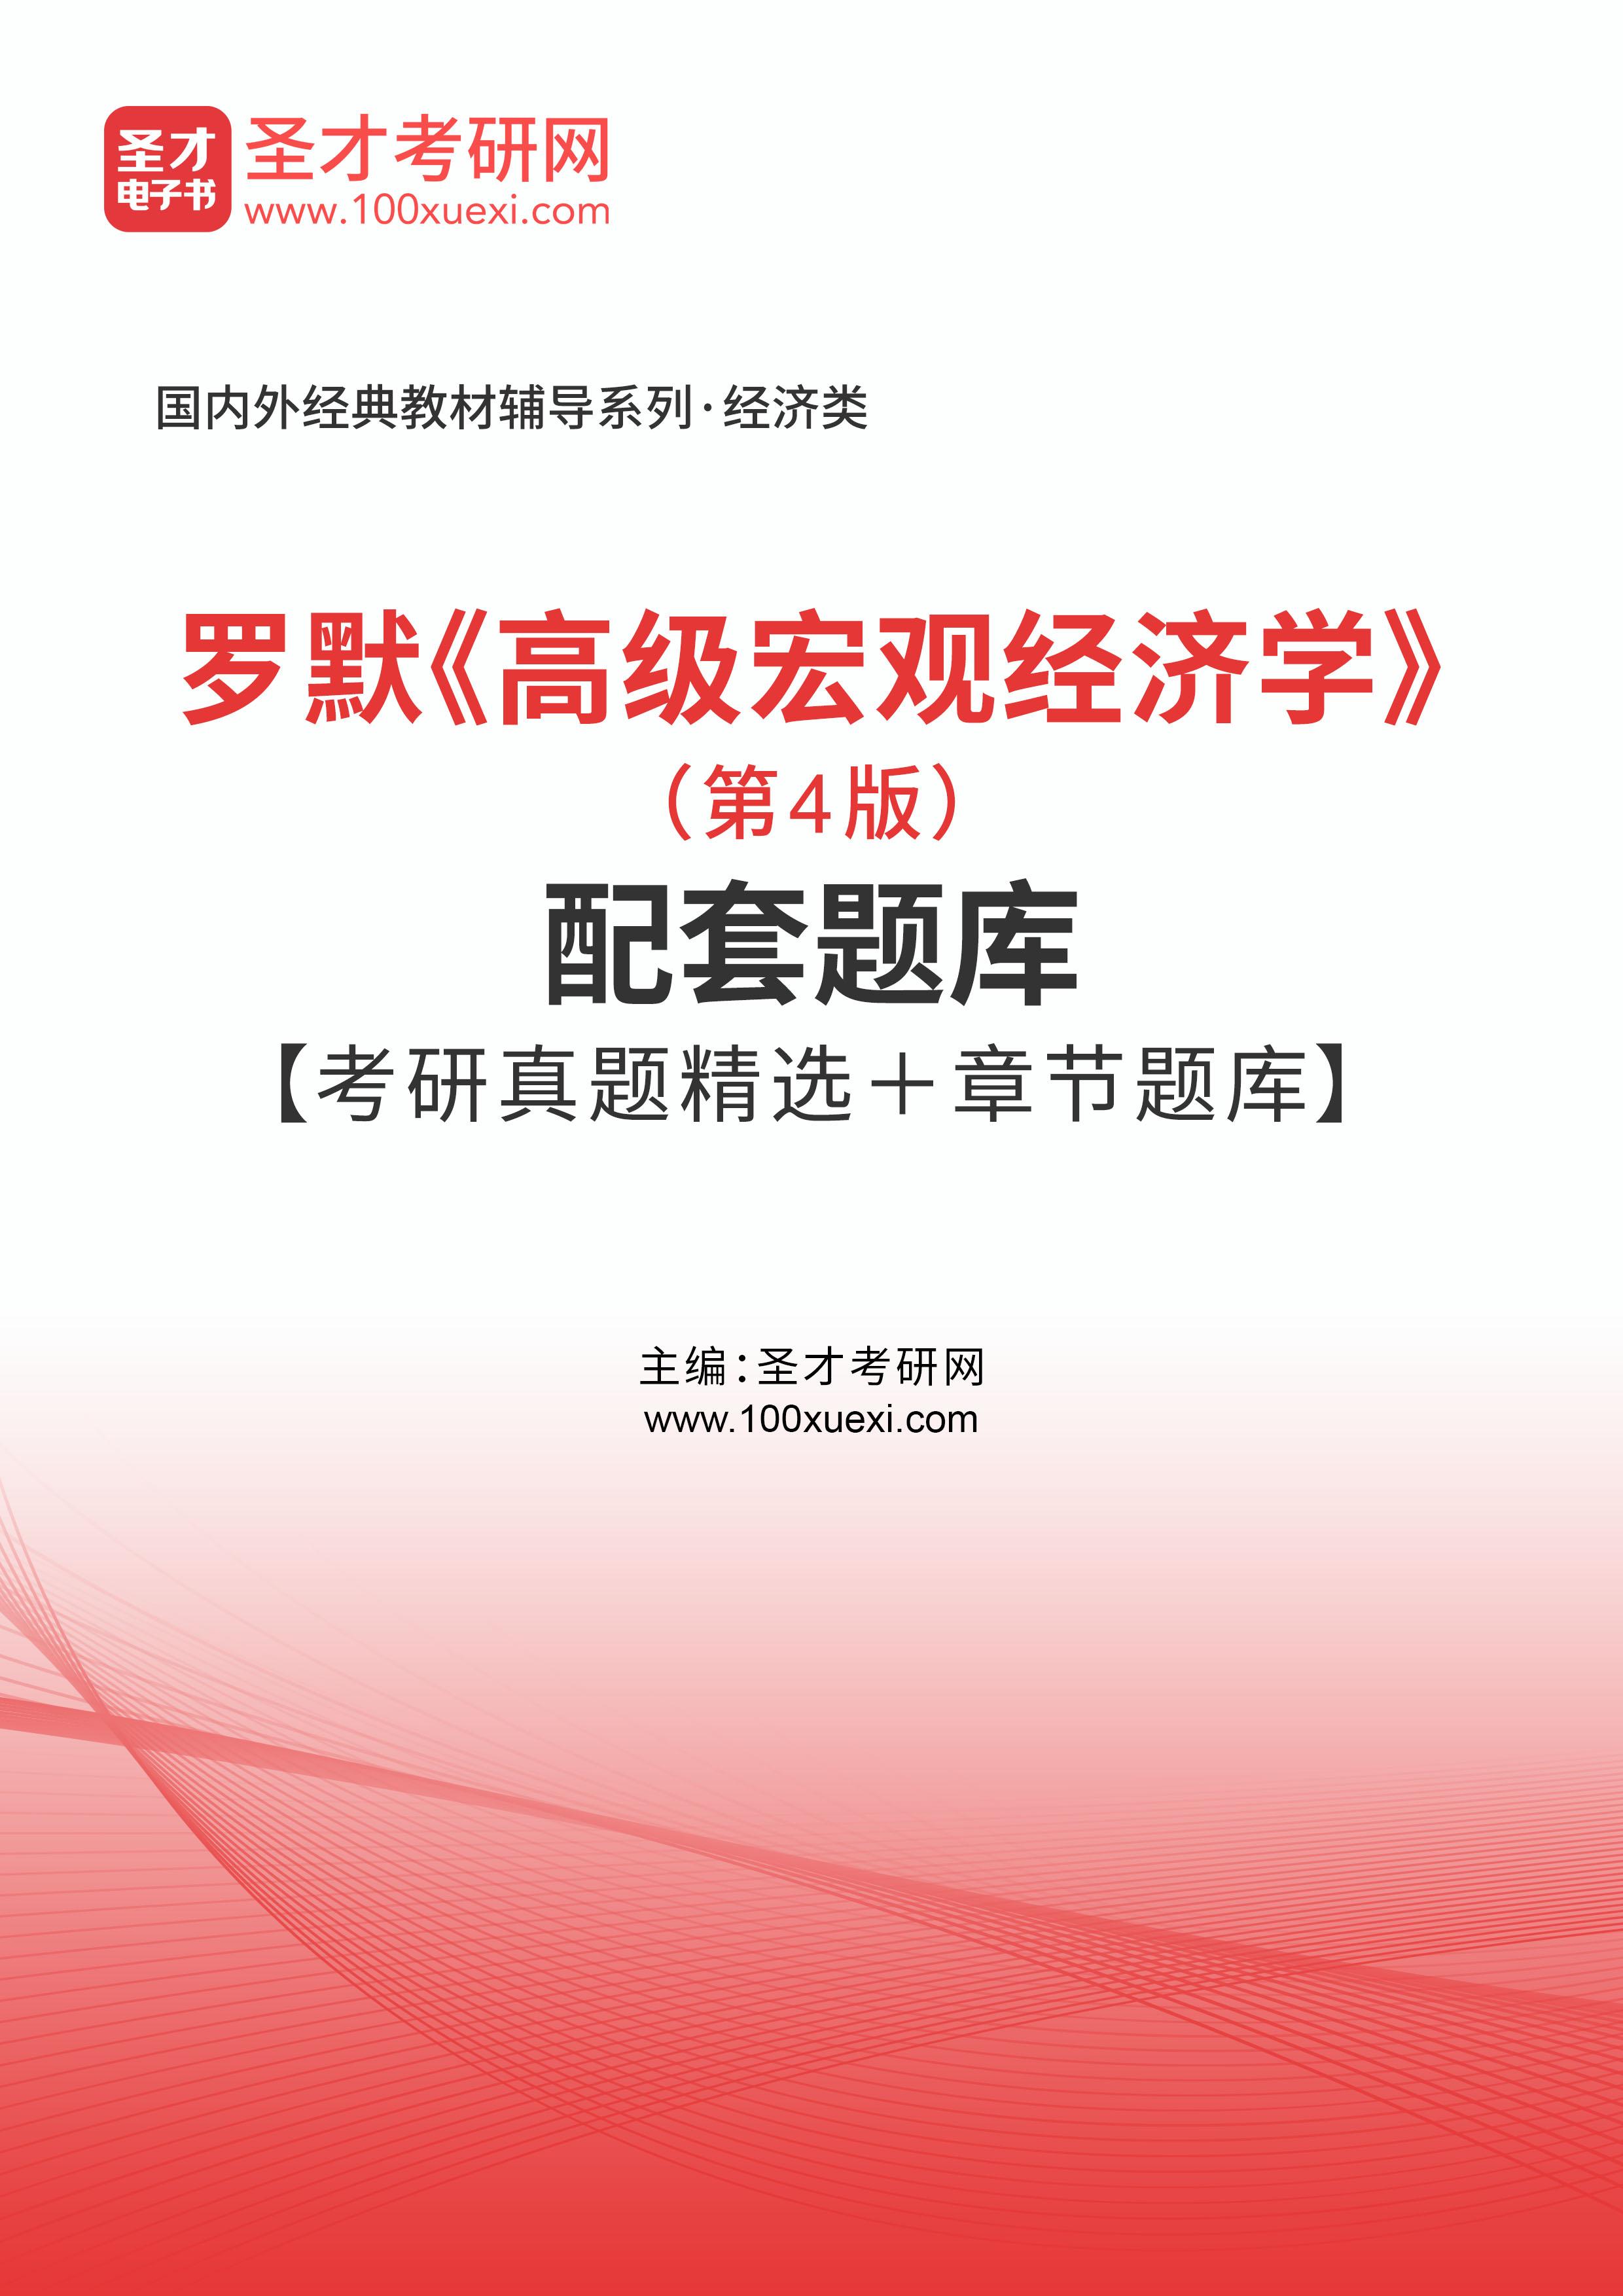 罗默《高级宏观经济学》(第4版)配套题库【考研真题精选+章节题库】